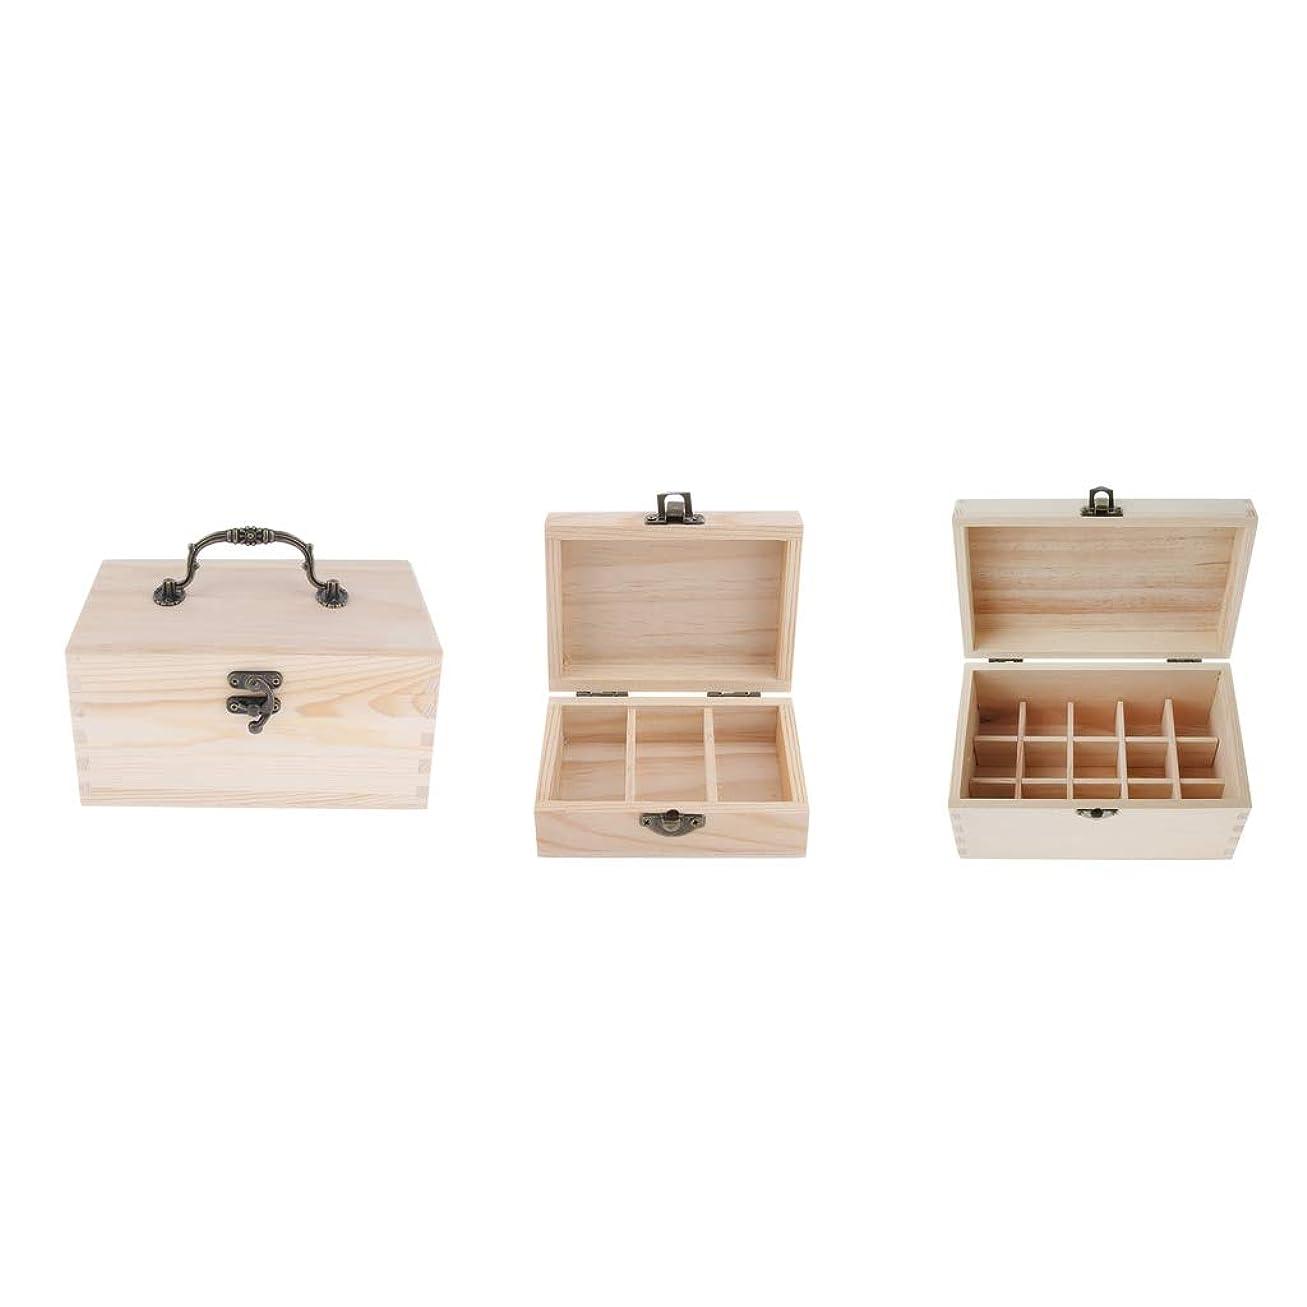 省略する正義通貨Hellery 3個入 精油収納ケース 木製 エッセンシャルオイル 収納ボックス 香水収納ケース アロマオイル収納ボックス